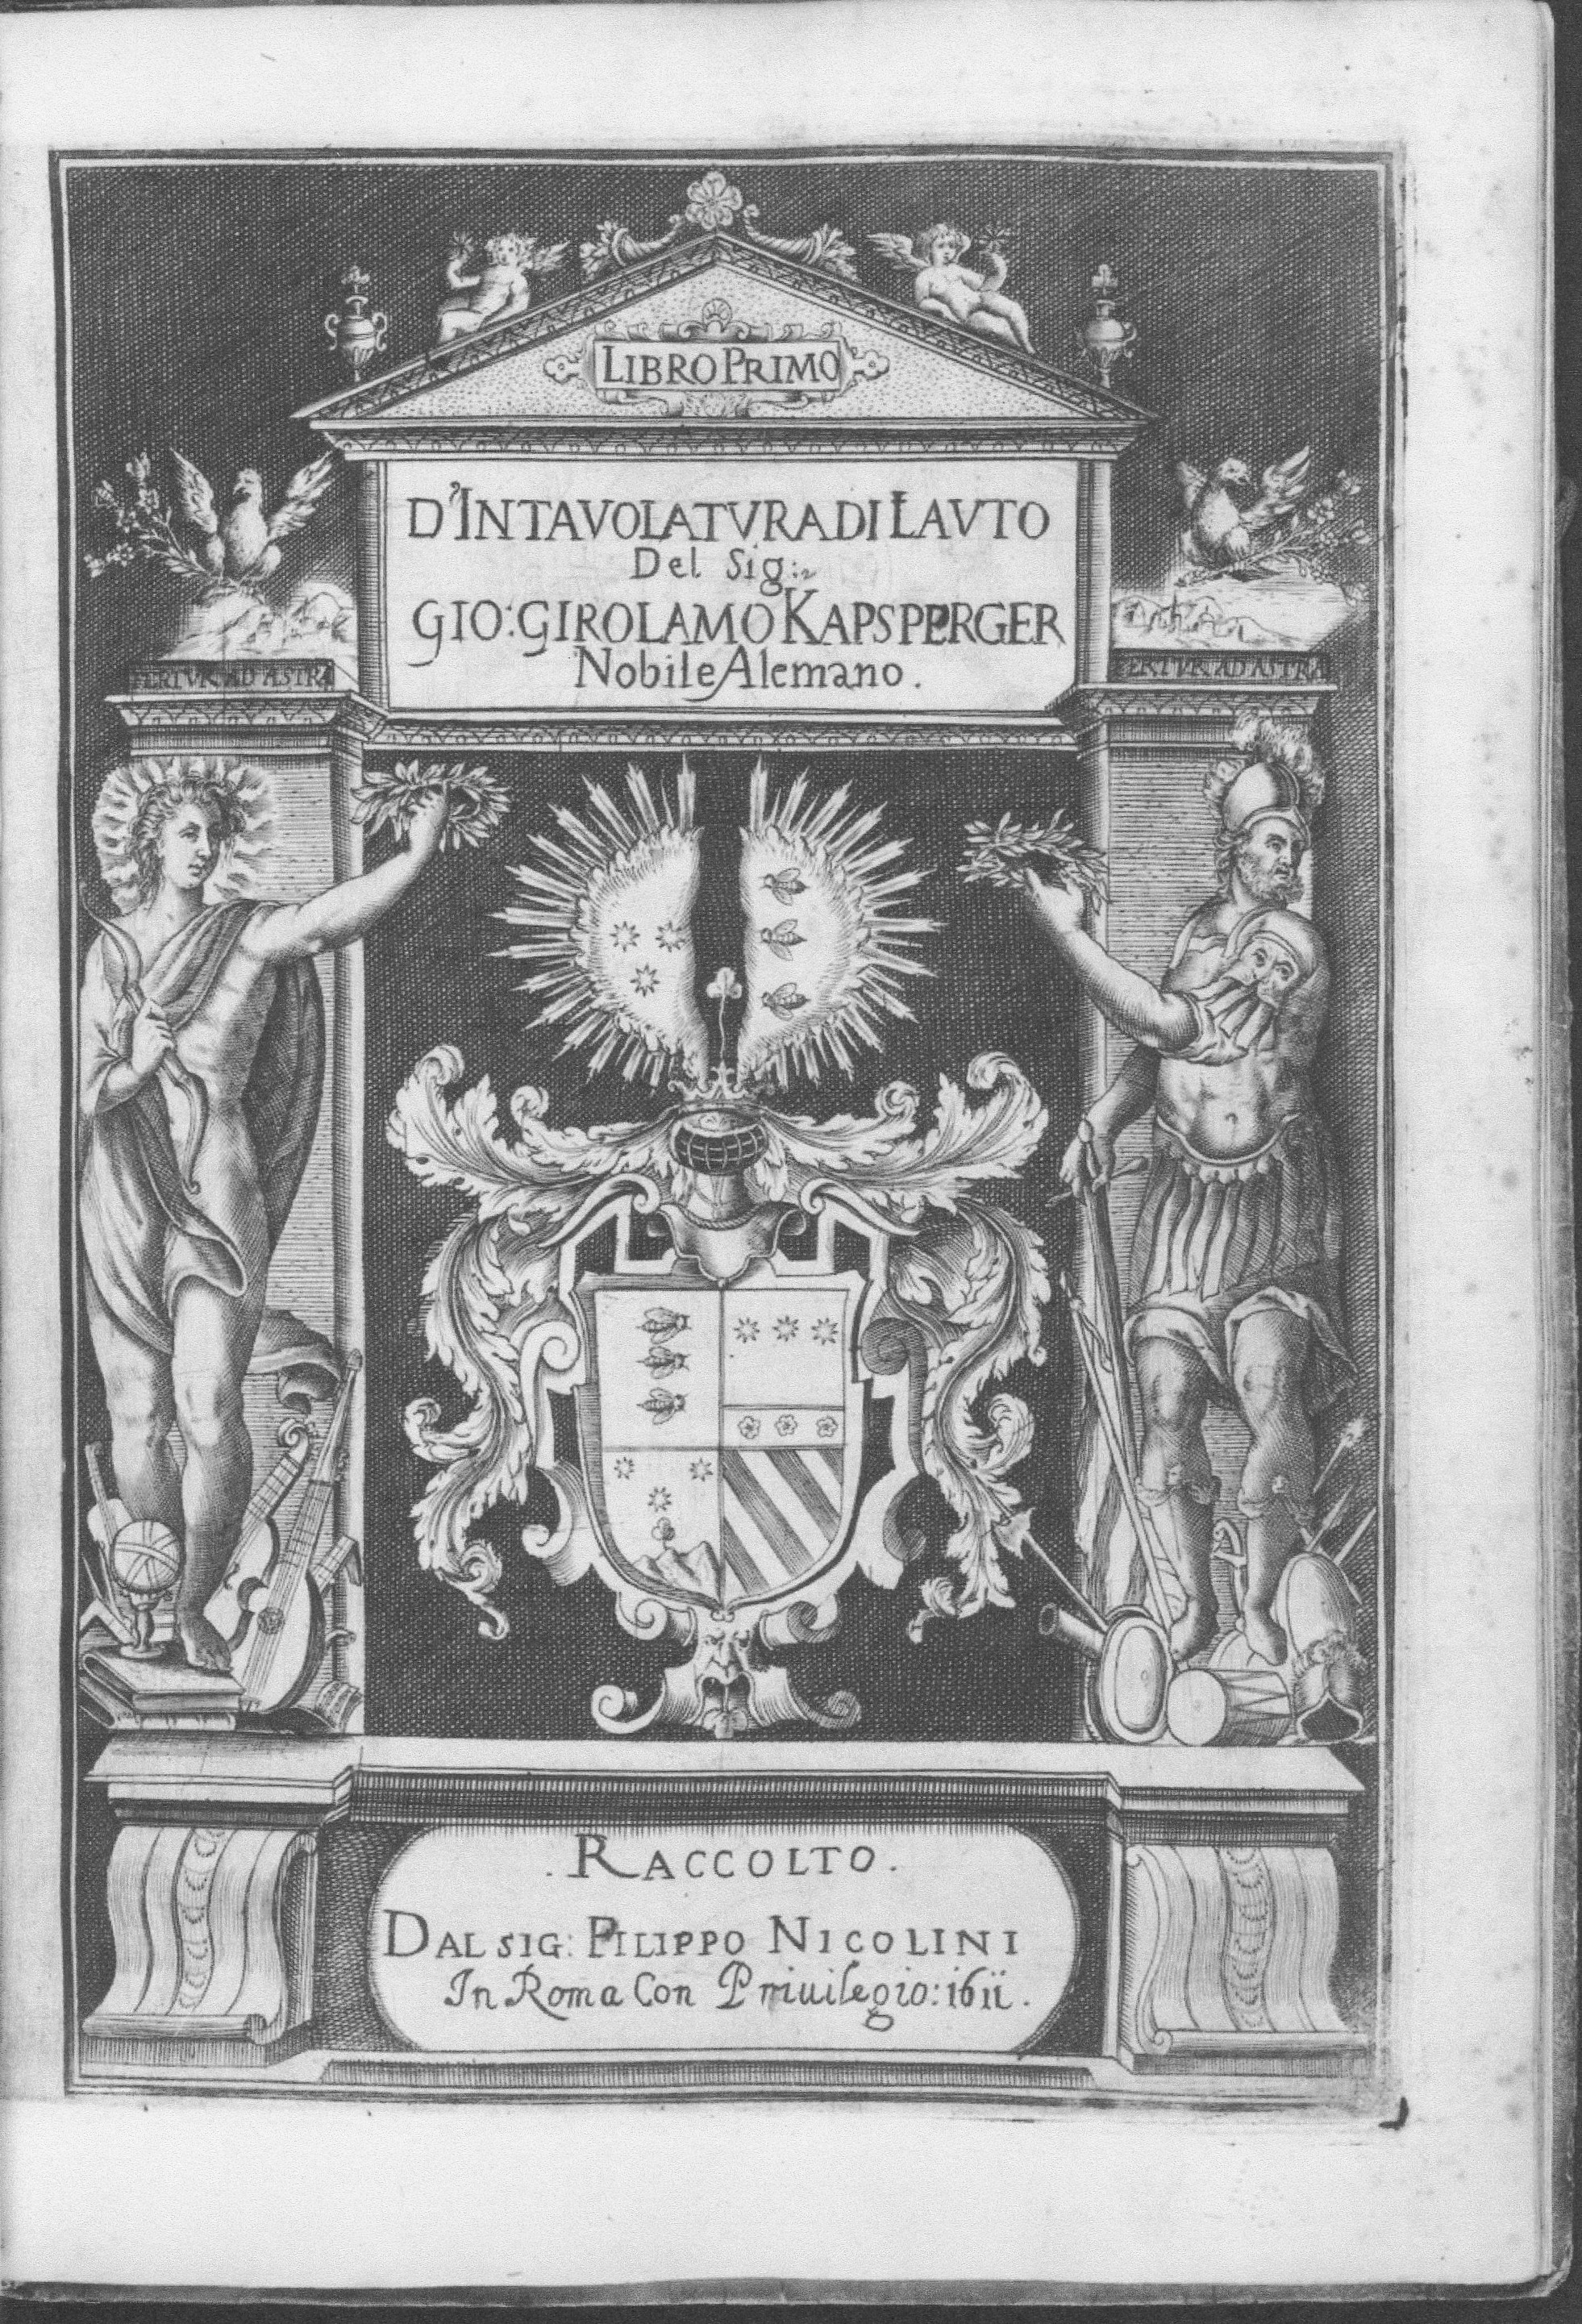 Kapsberger Libri primo di Lauto